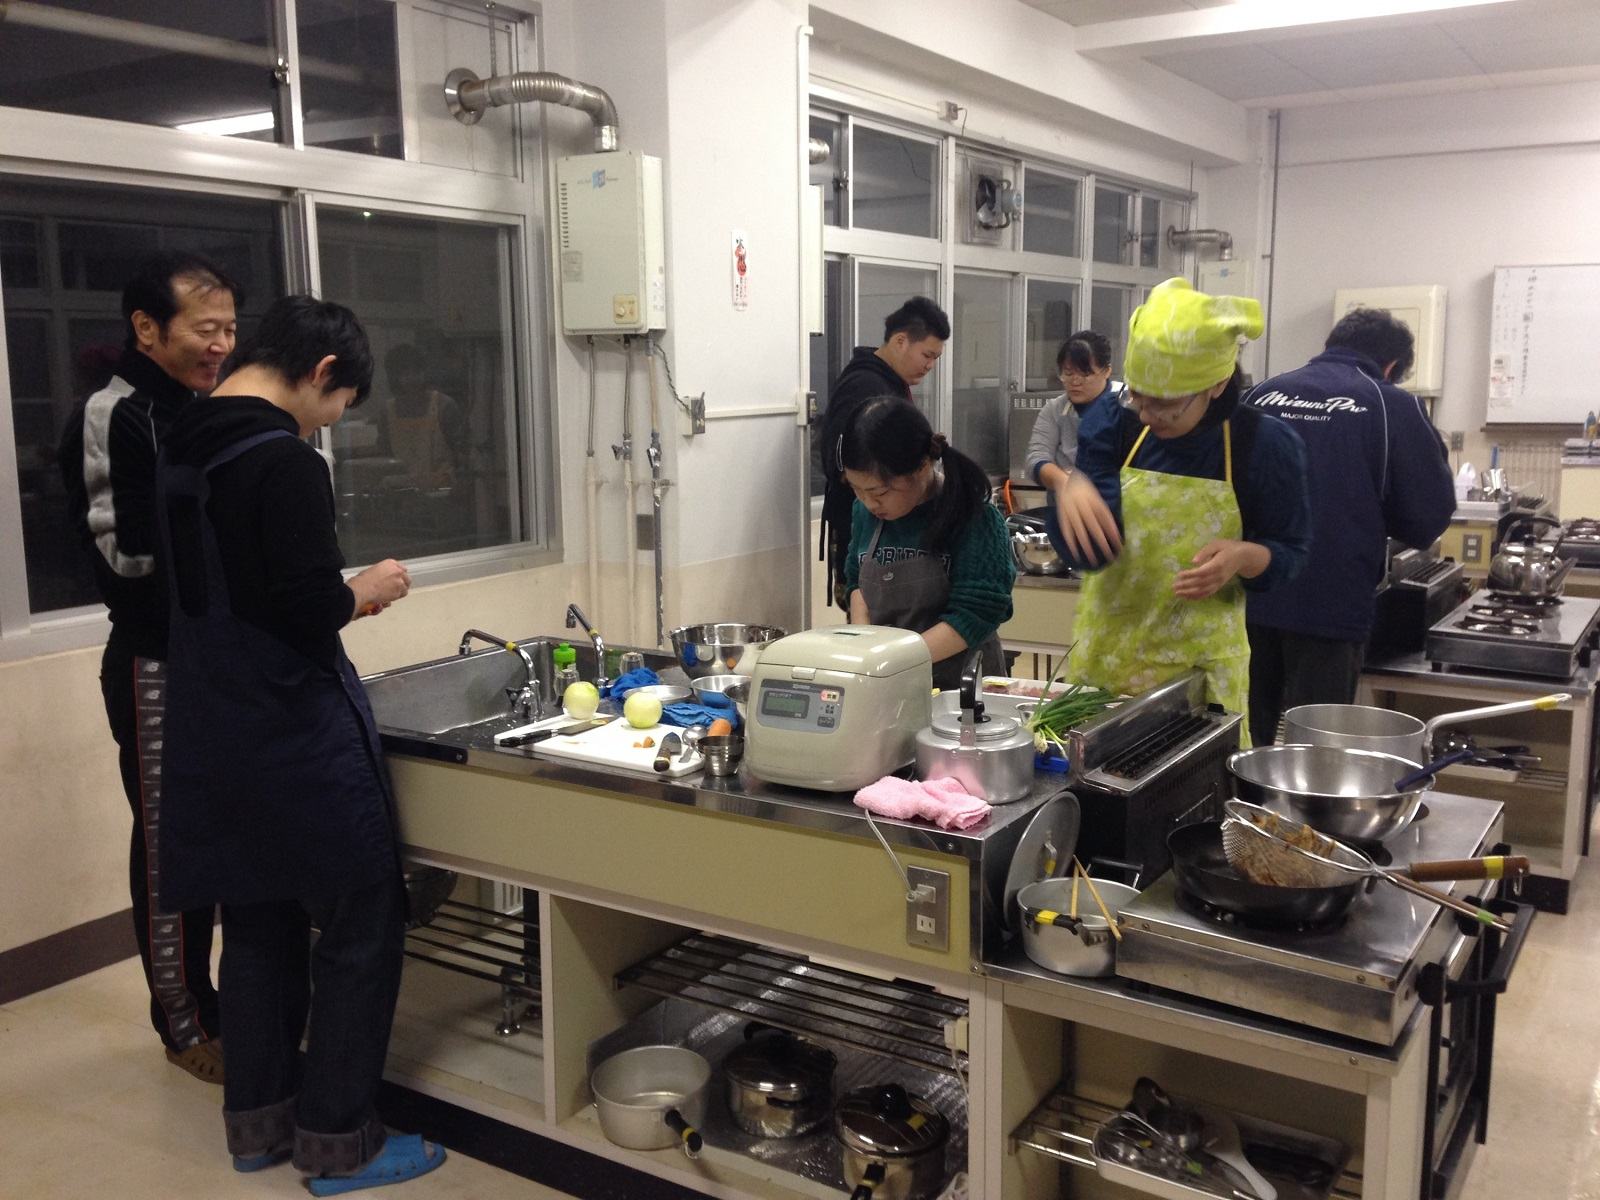 楽しい調理実習の様子